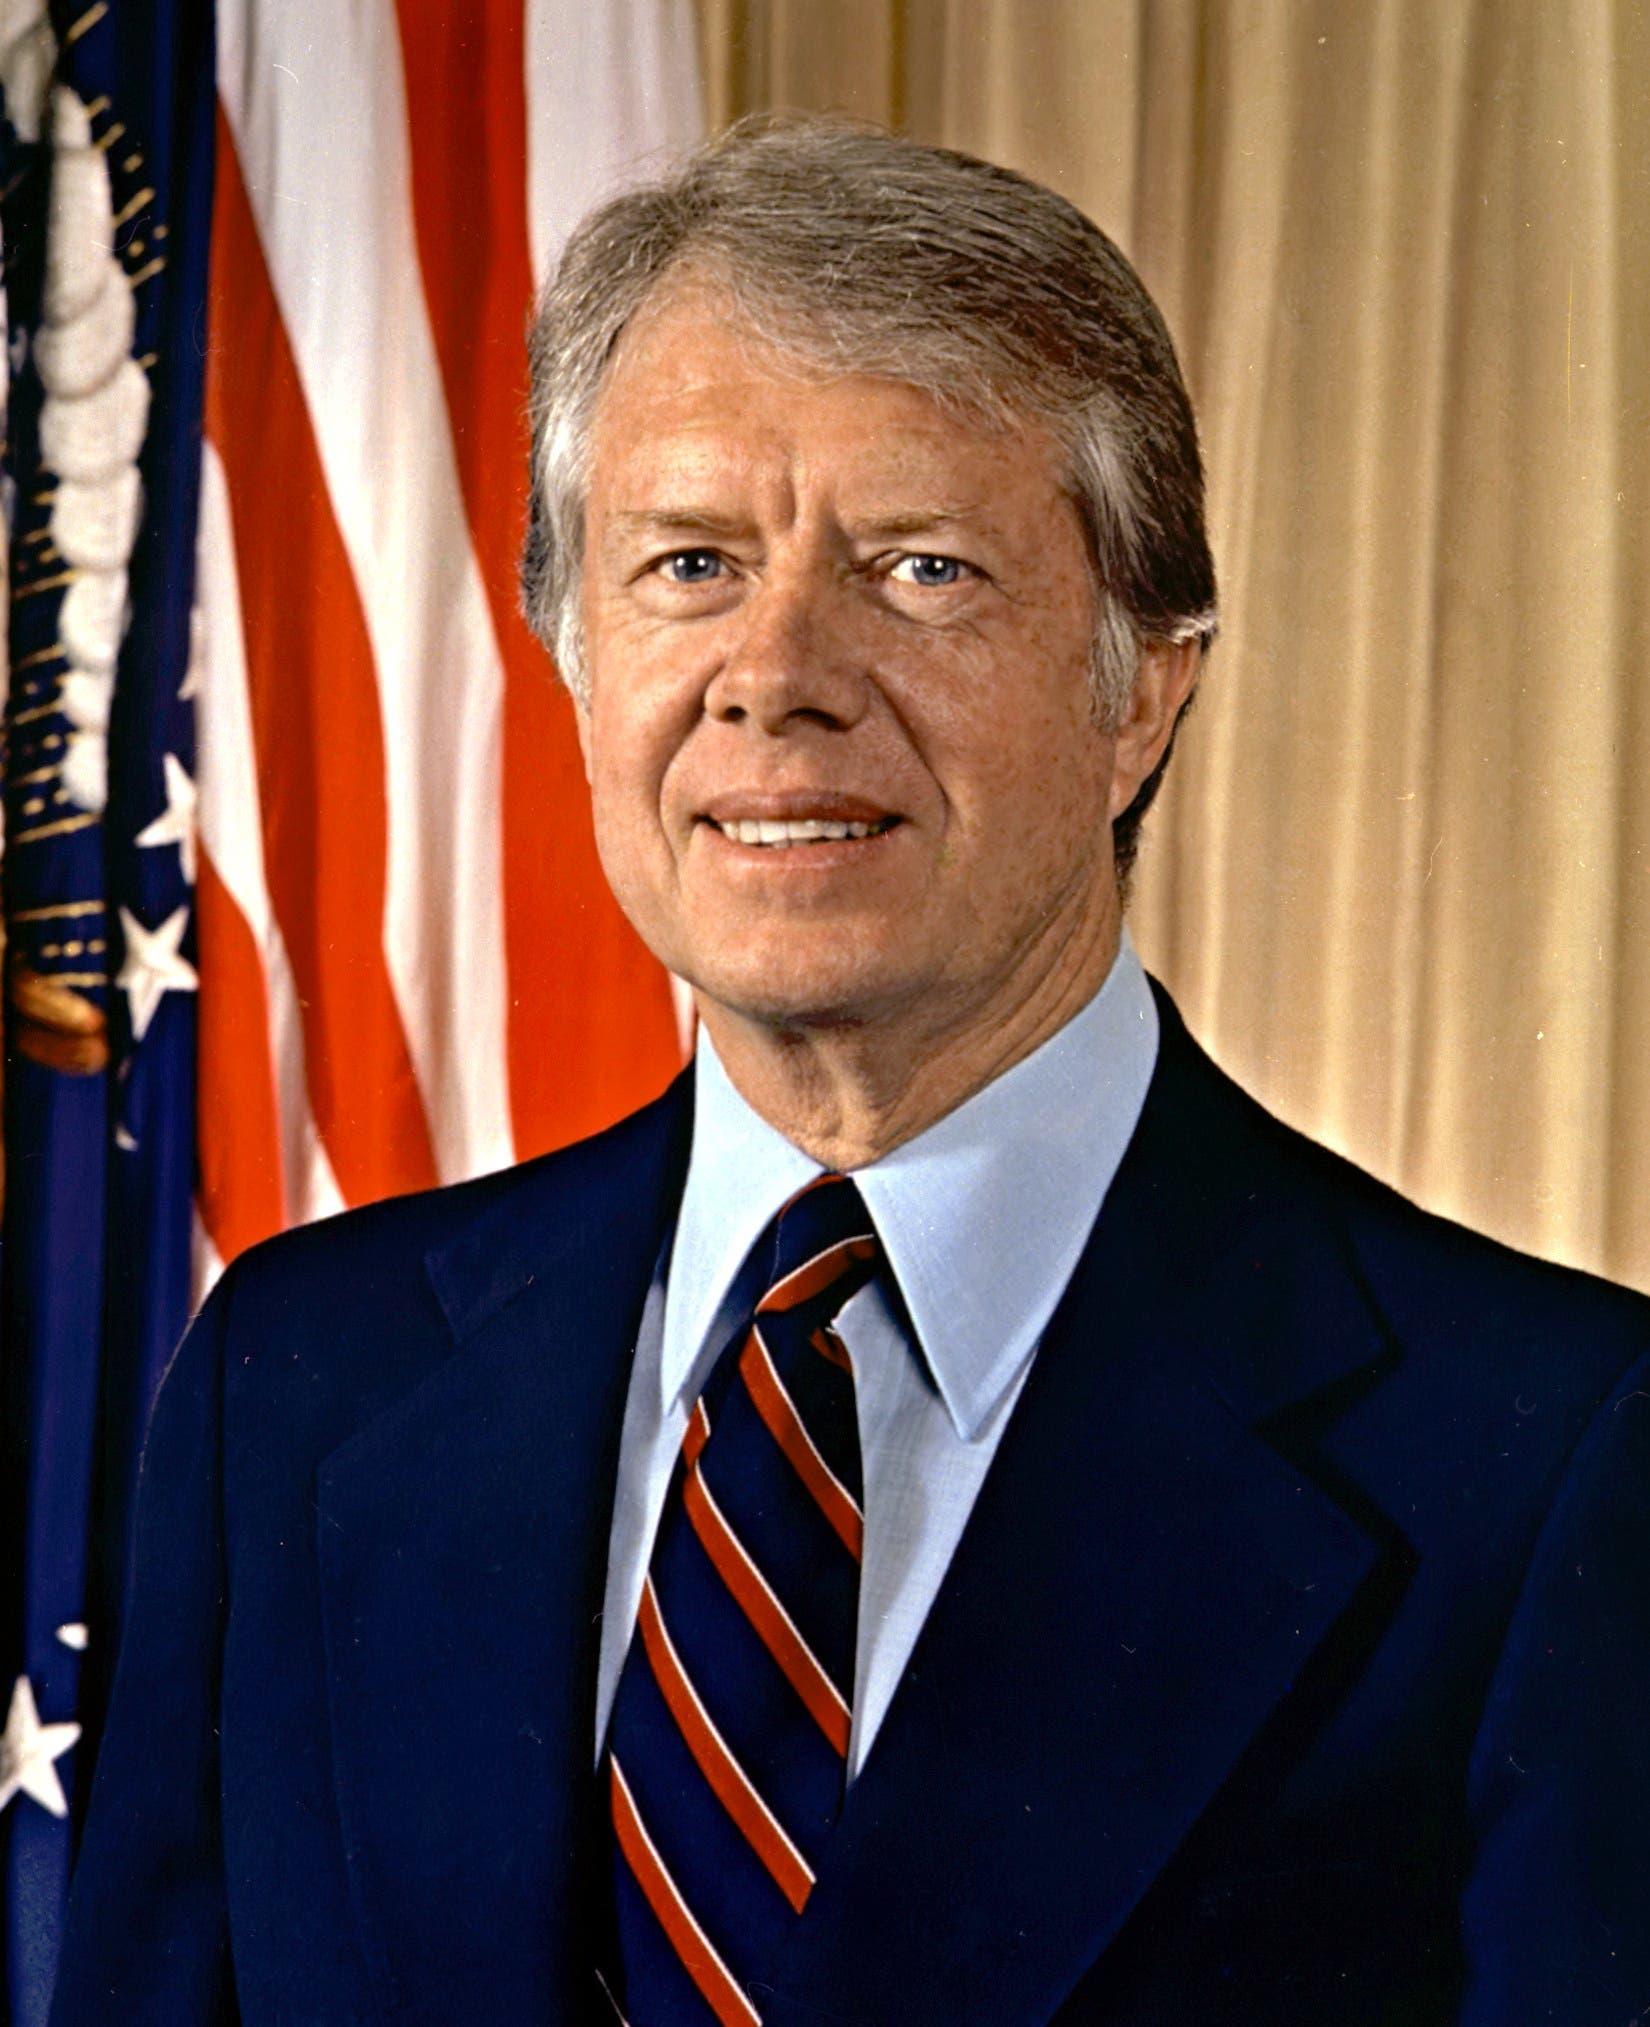 صورة للرئيس الأميركي جيمي كارتر